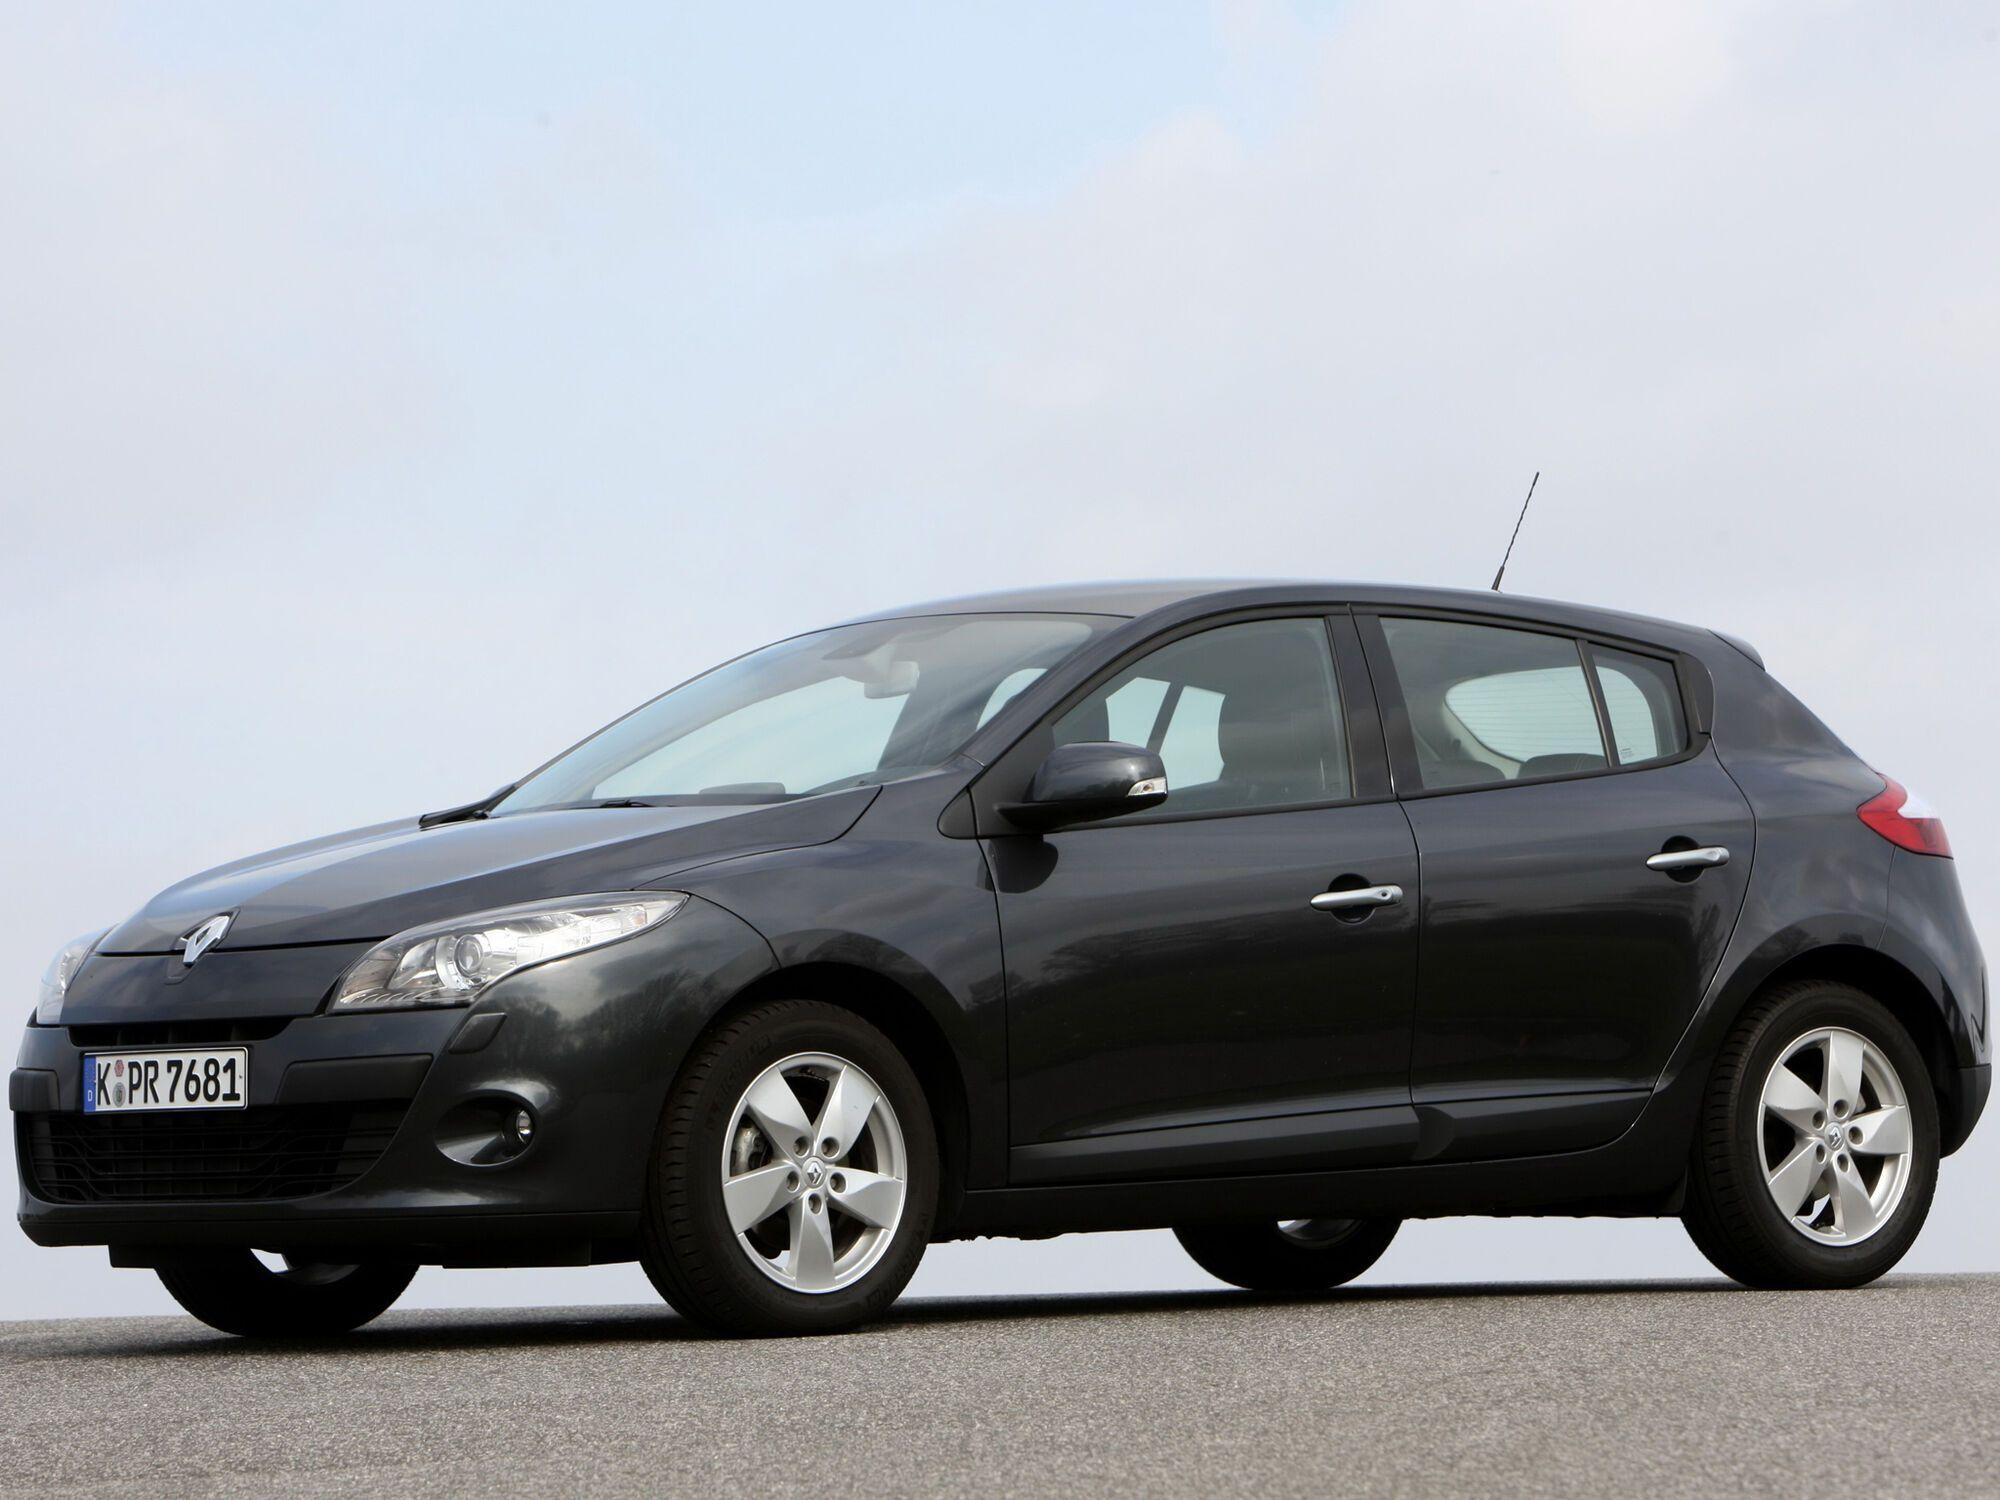 Renault Megane остается достаточно востребованным благодаря комфорту и экономичности